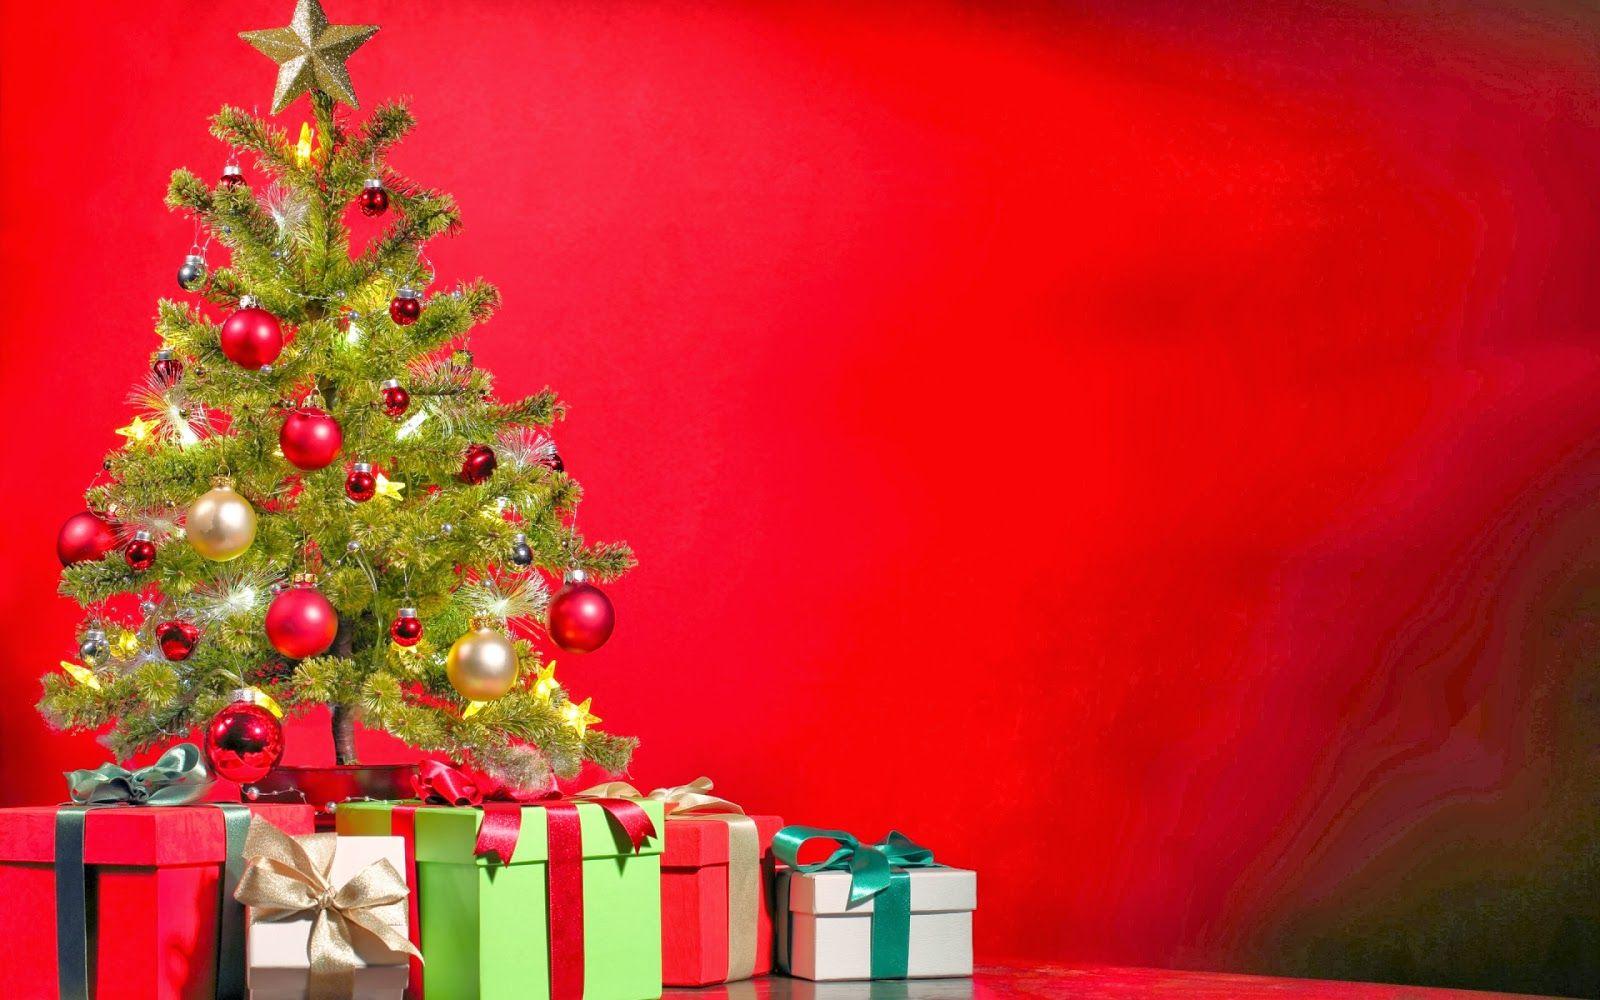 Arbol de navidad y regalos sobre fondo rojo la casa grande - Arbol de navidad con regalos ...